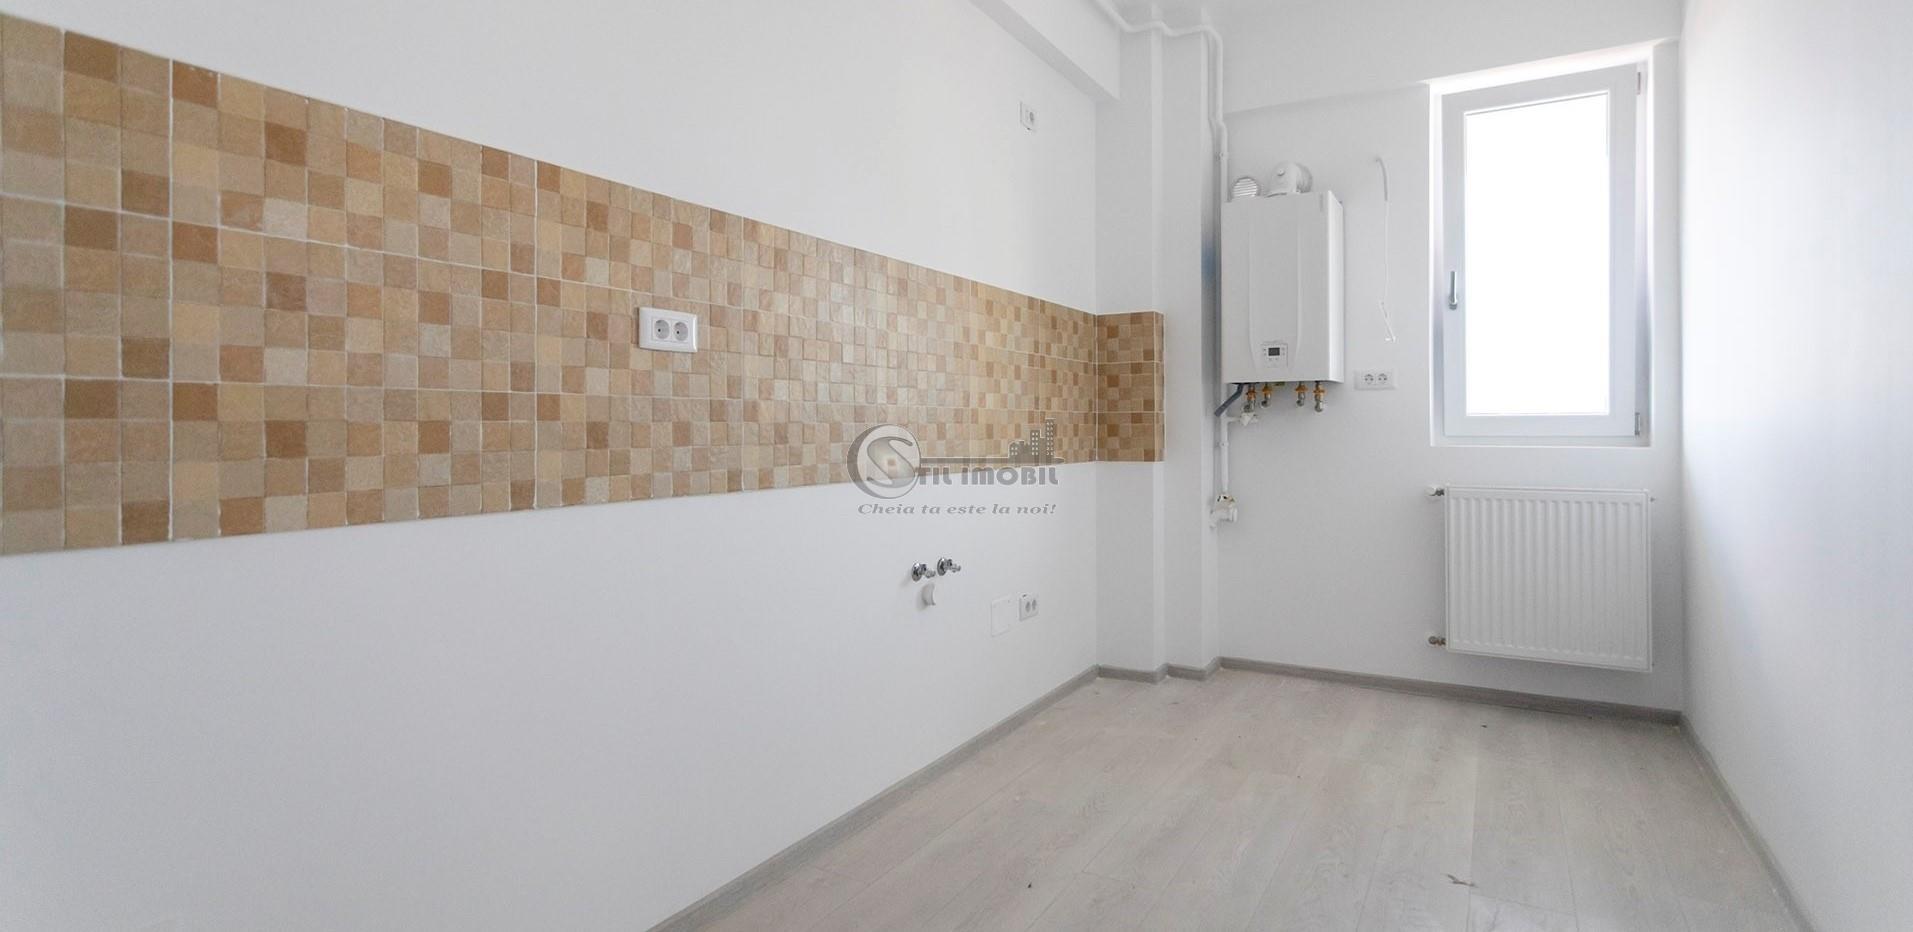 Apartament 2 camere, 69 mp, zona centrala